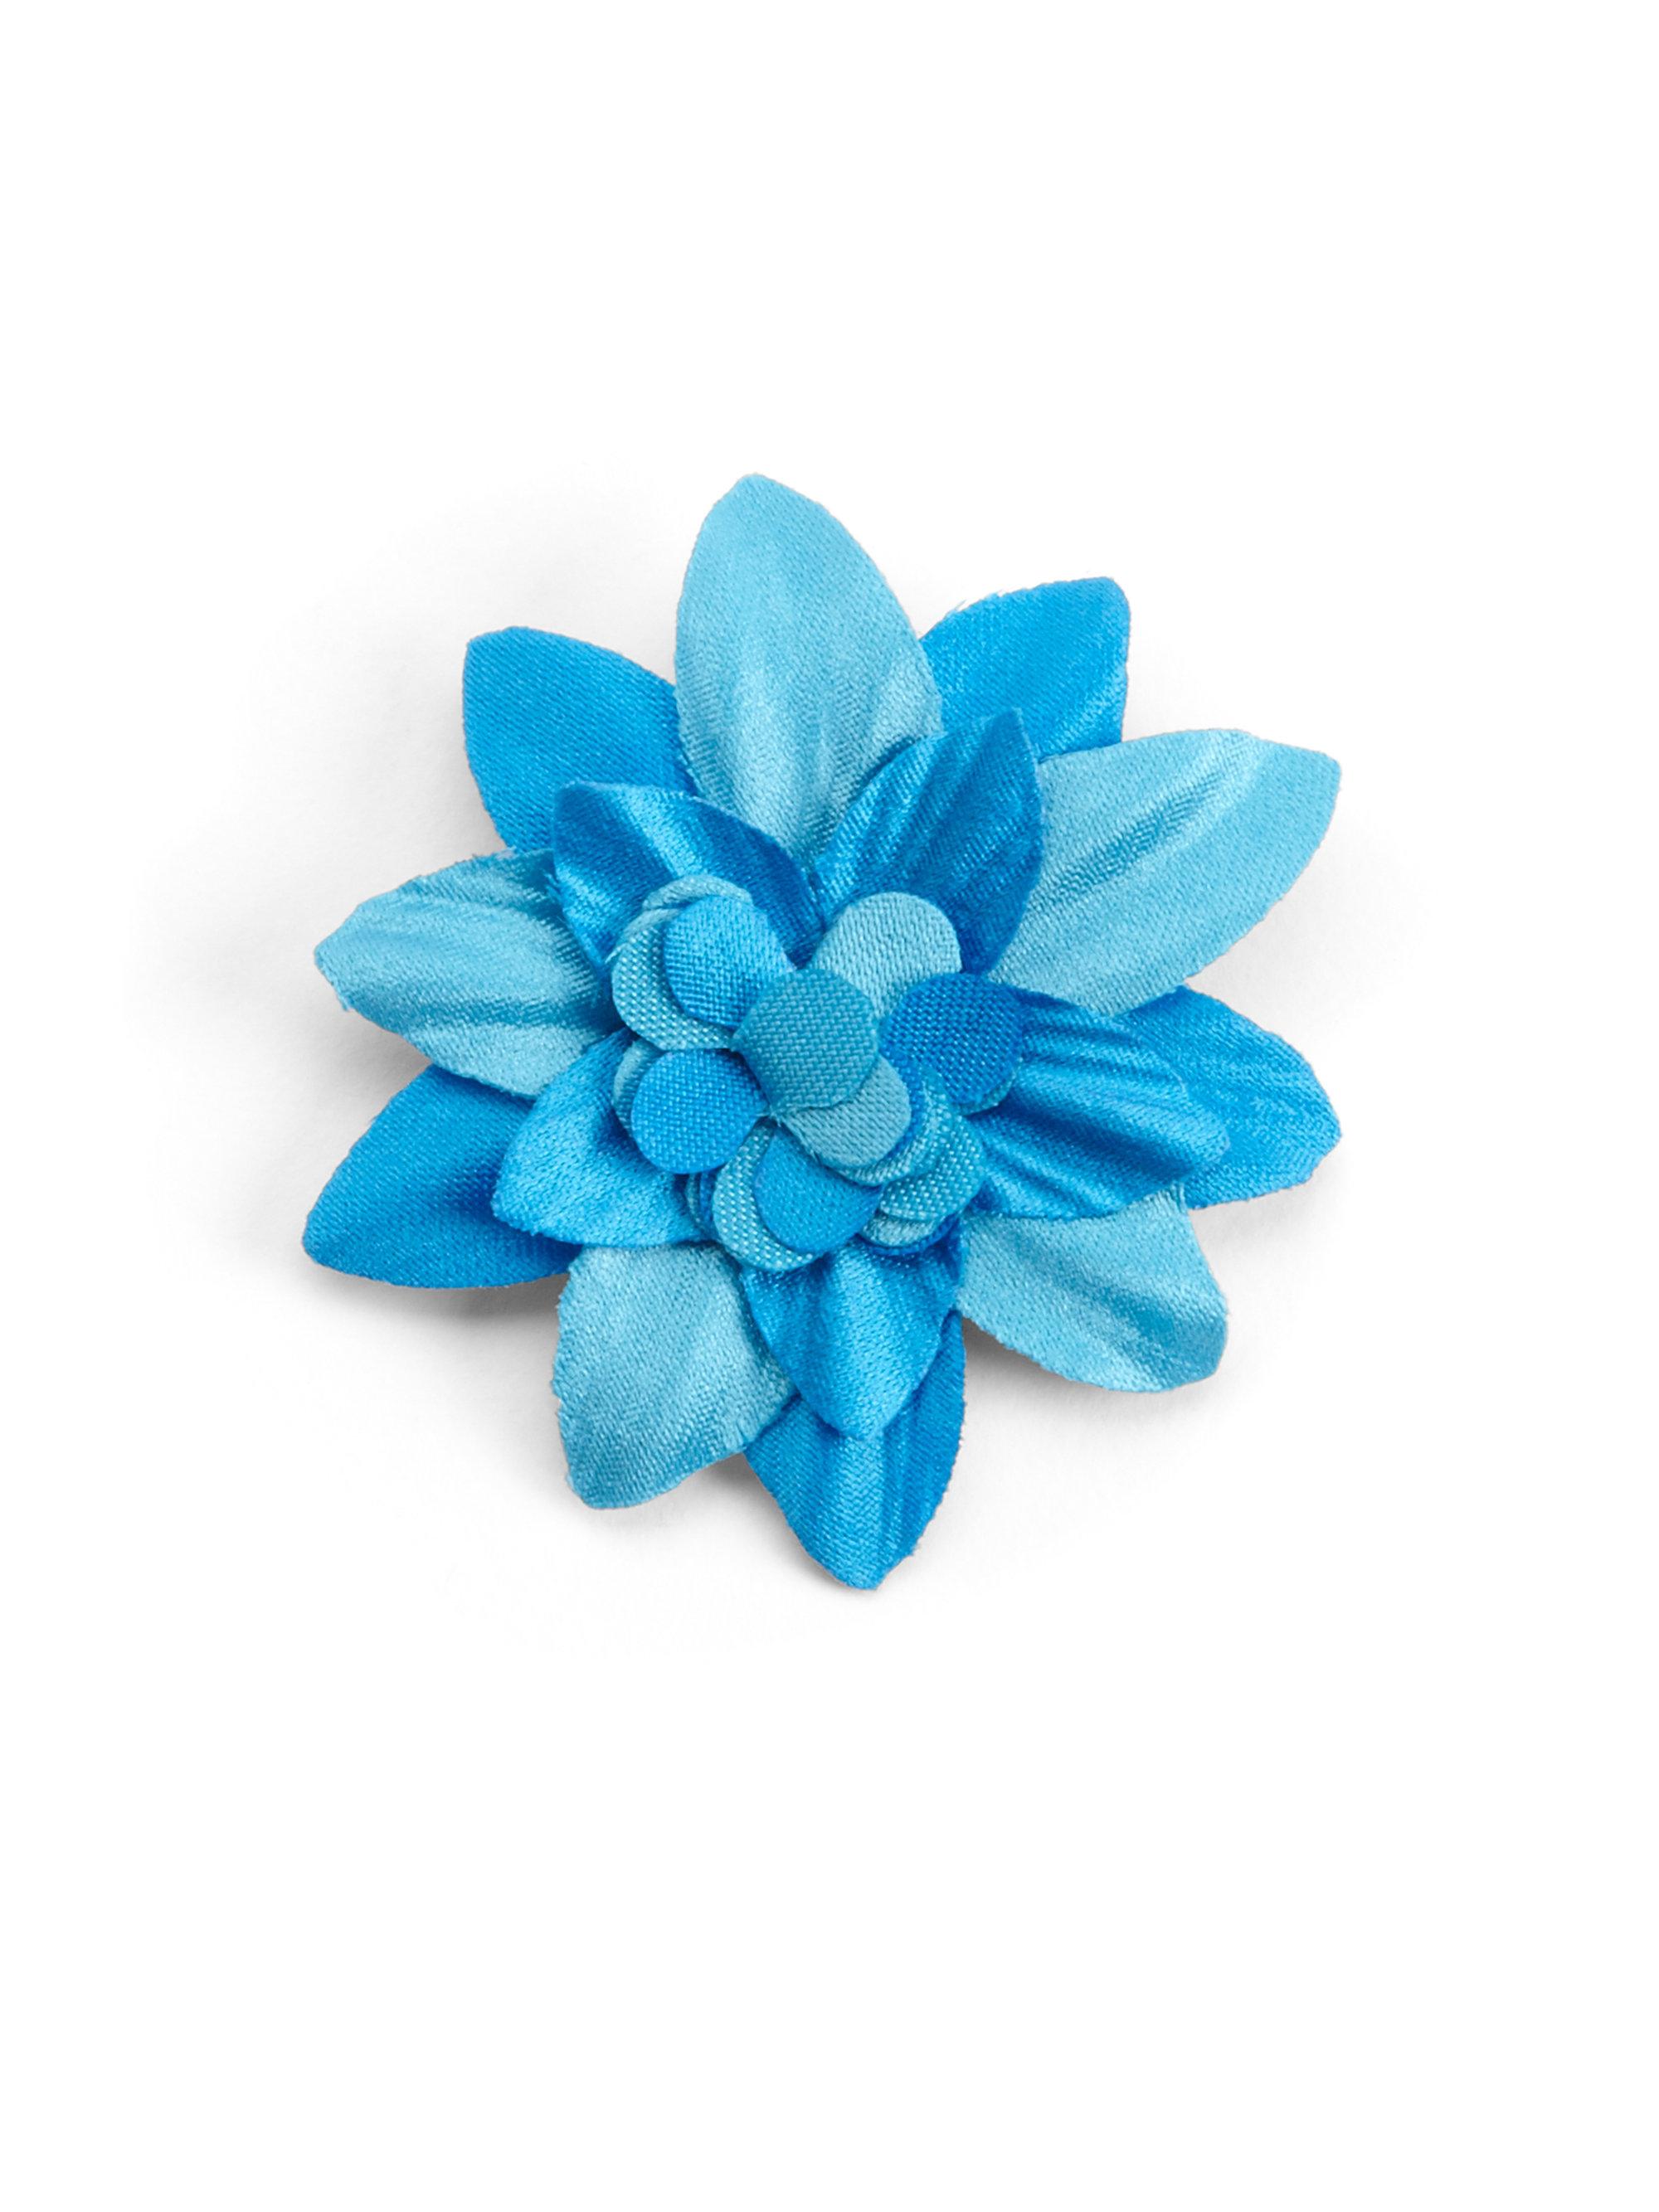 Hook albert Lapel Flower Pin in Blue ORANGE